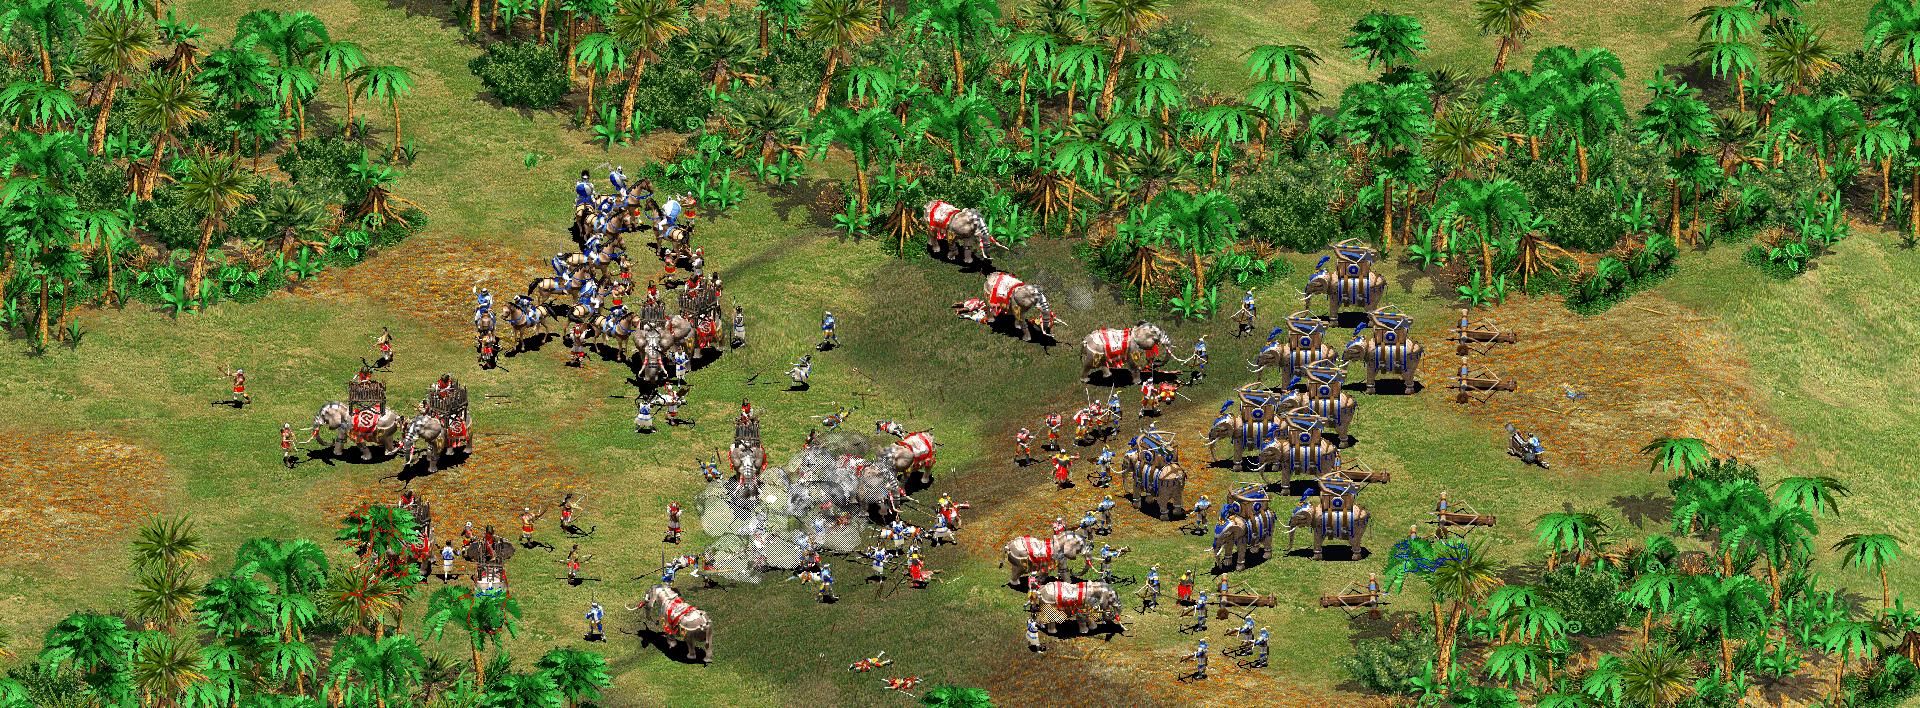 Khmer Jungle Warfare